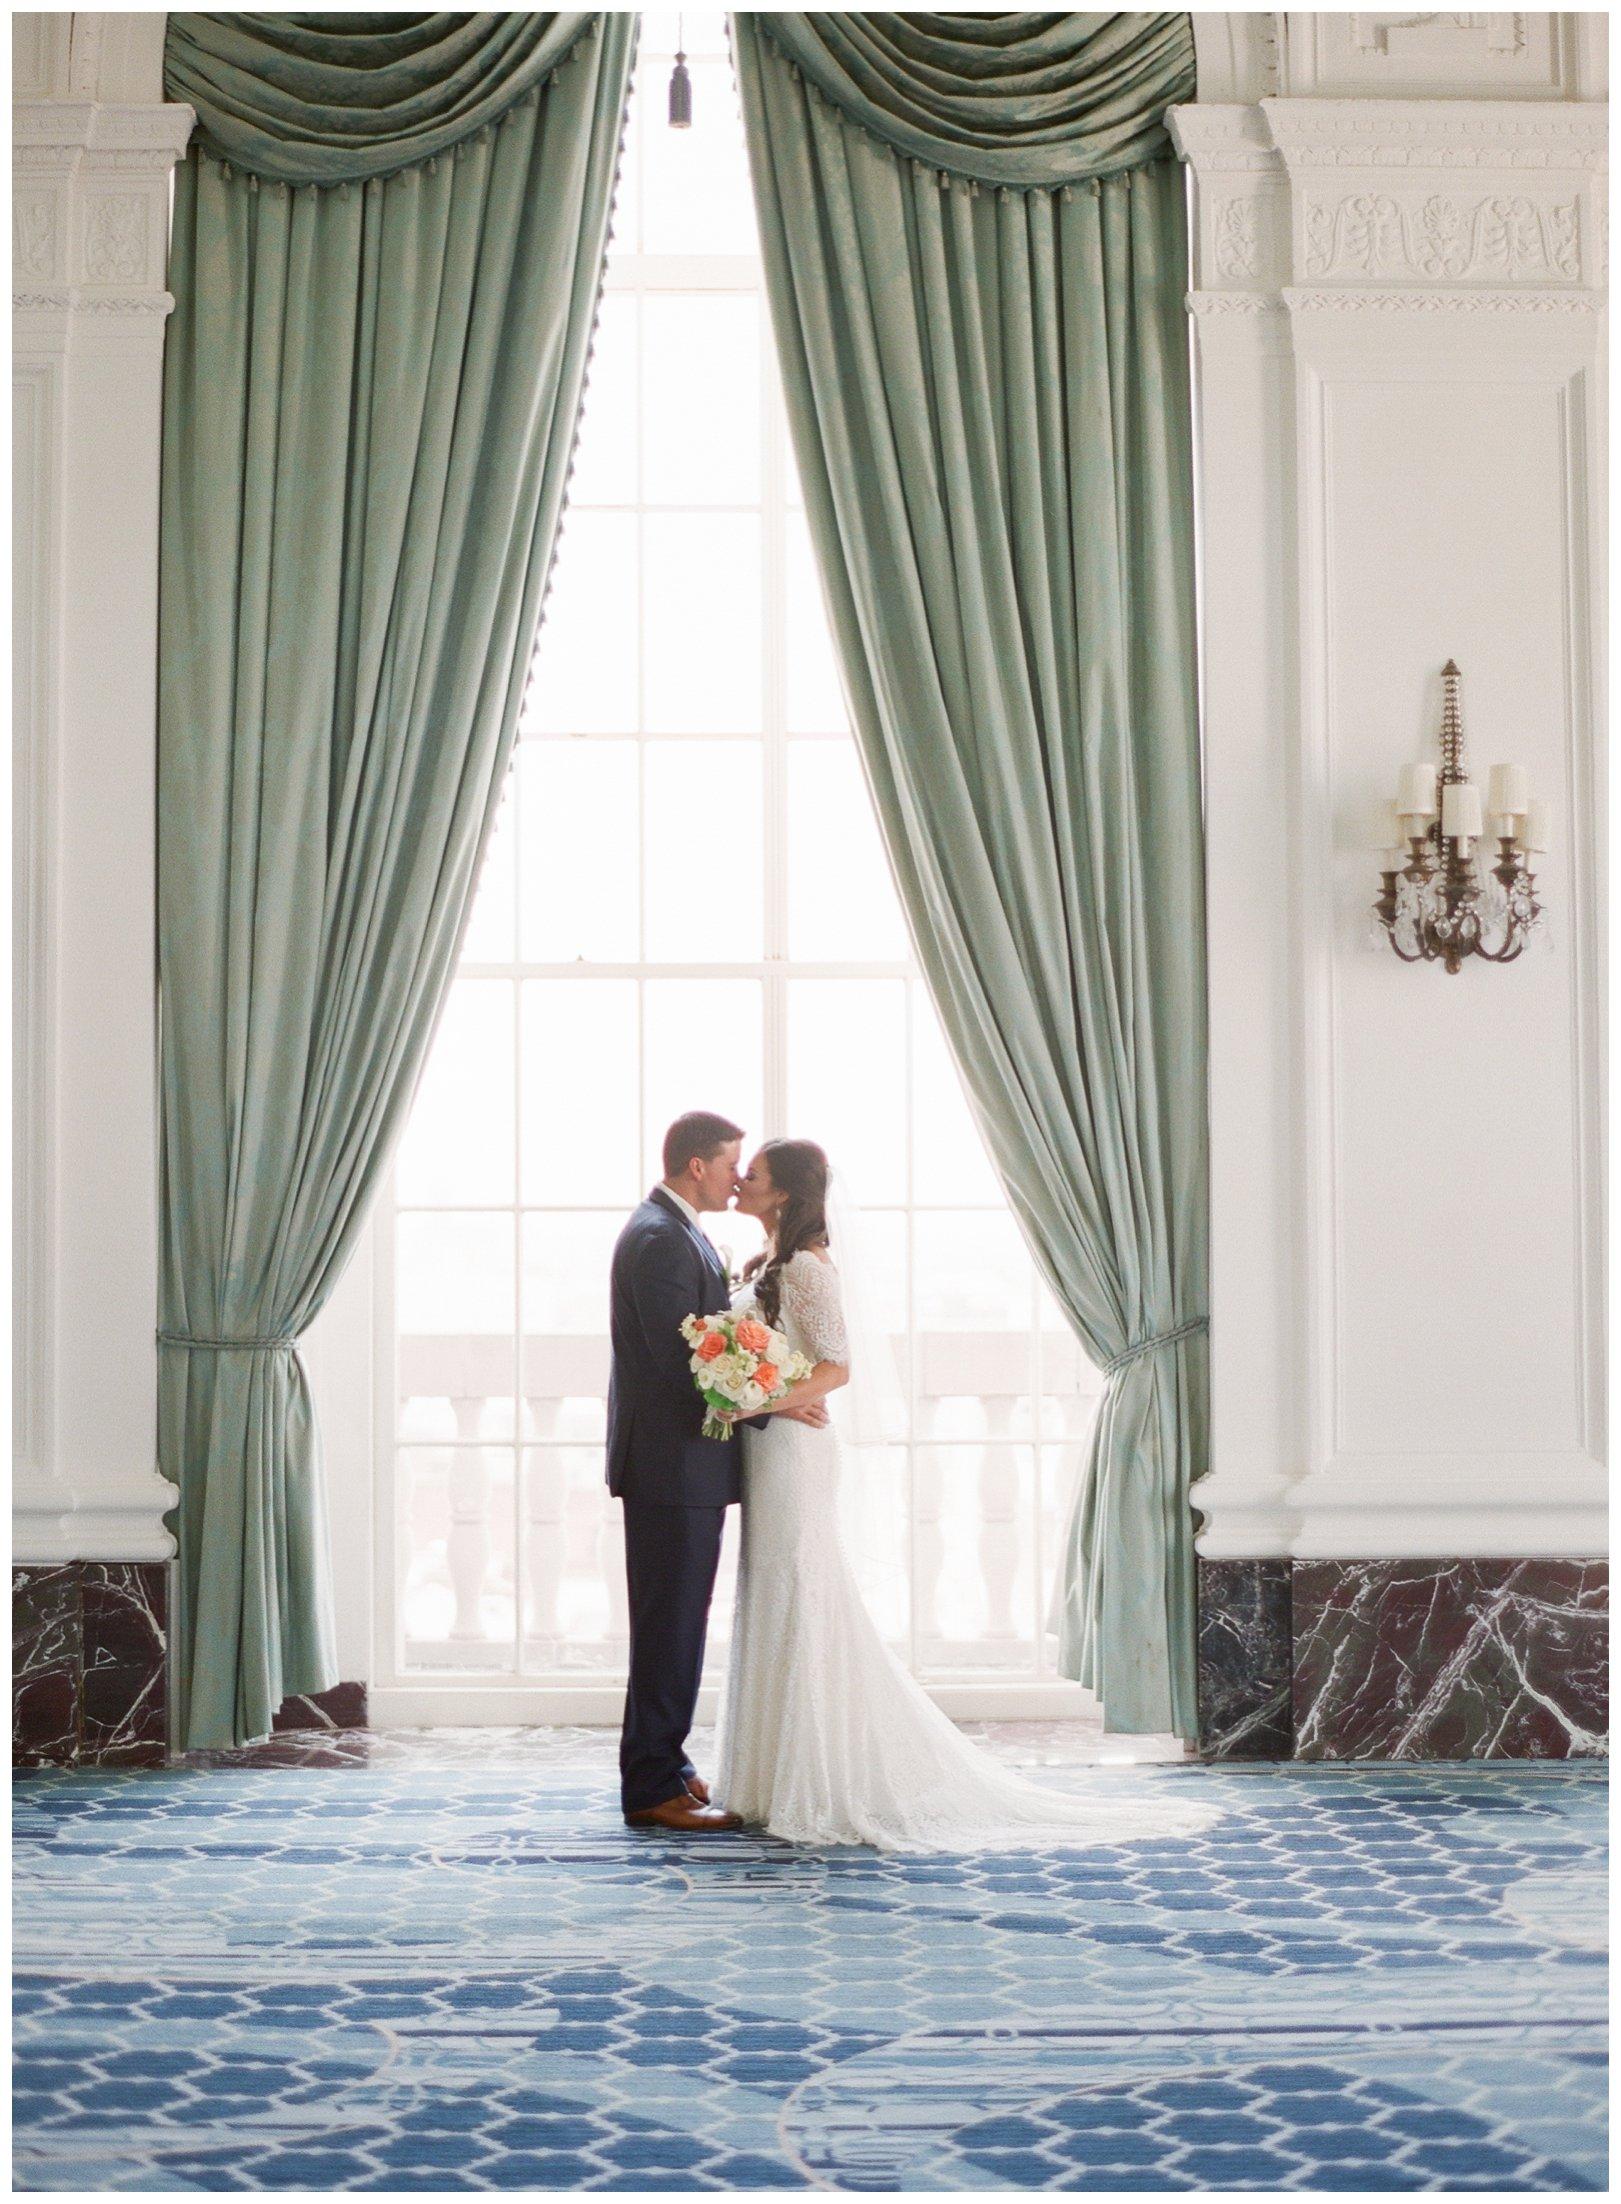 lauren muckler photography_fine art film wedding photography_st louis_photography_1249.jpg